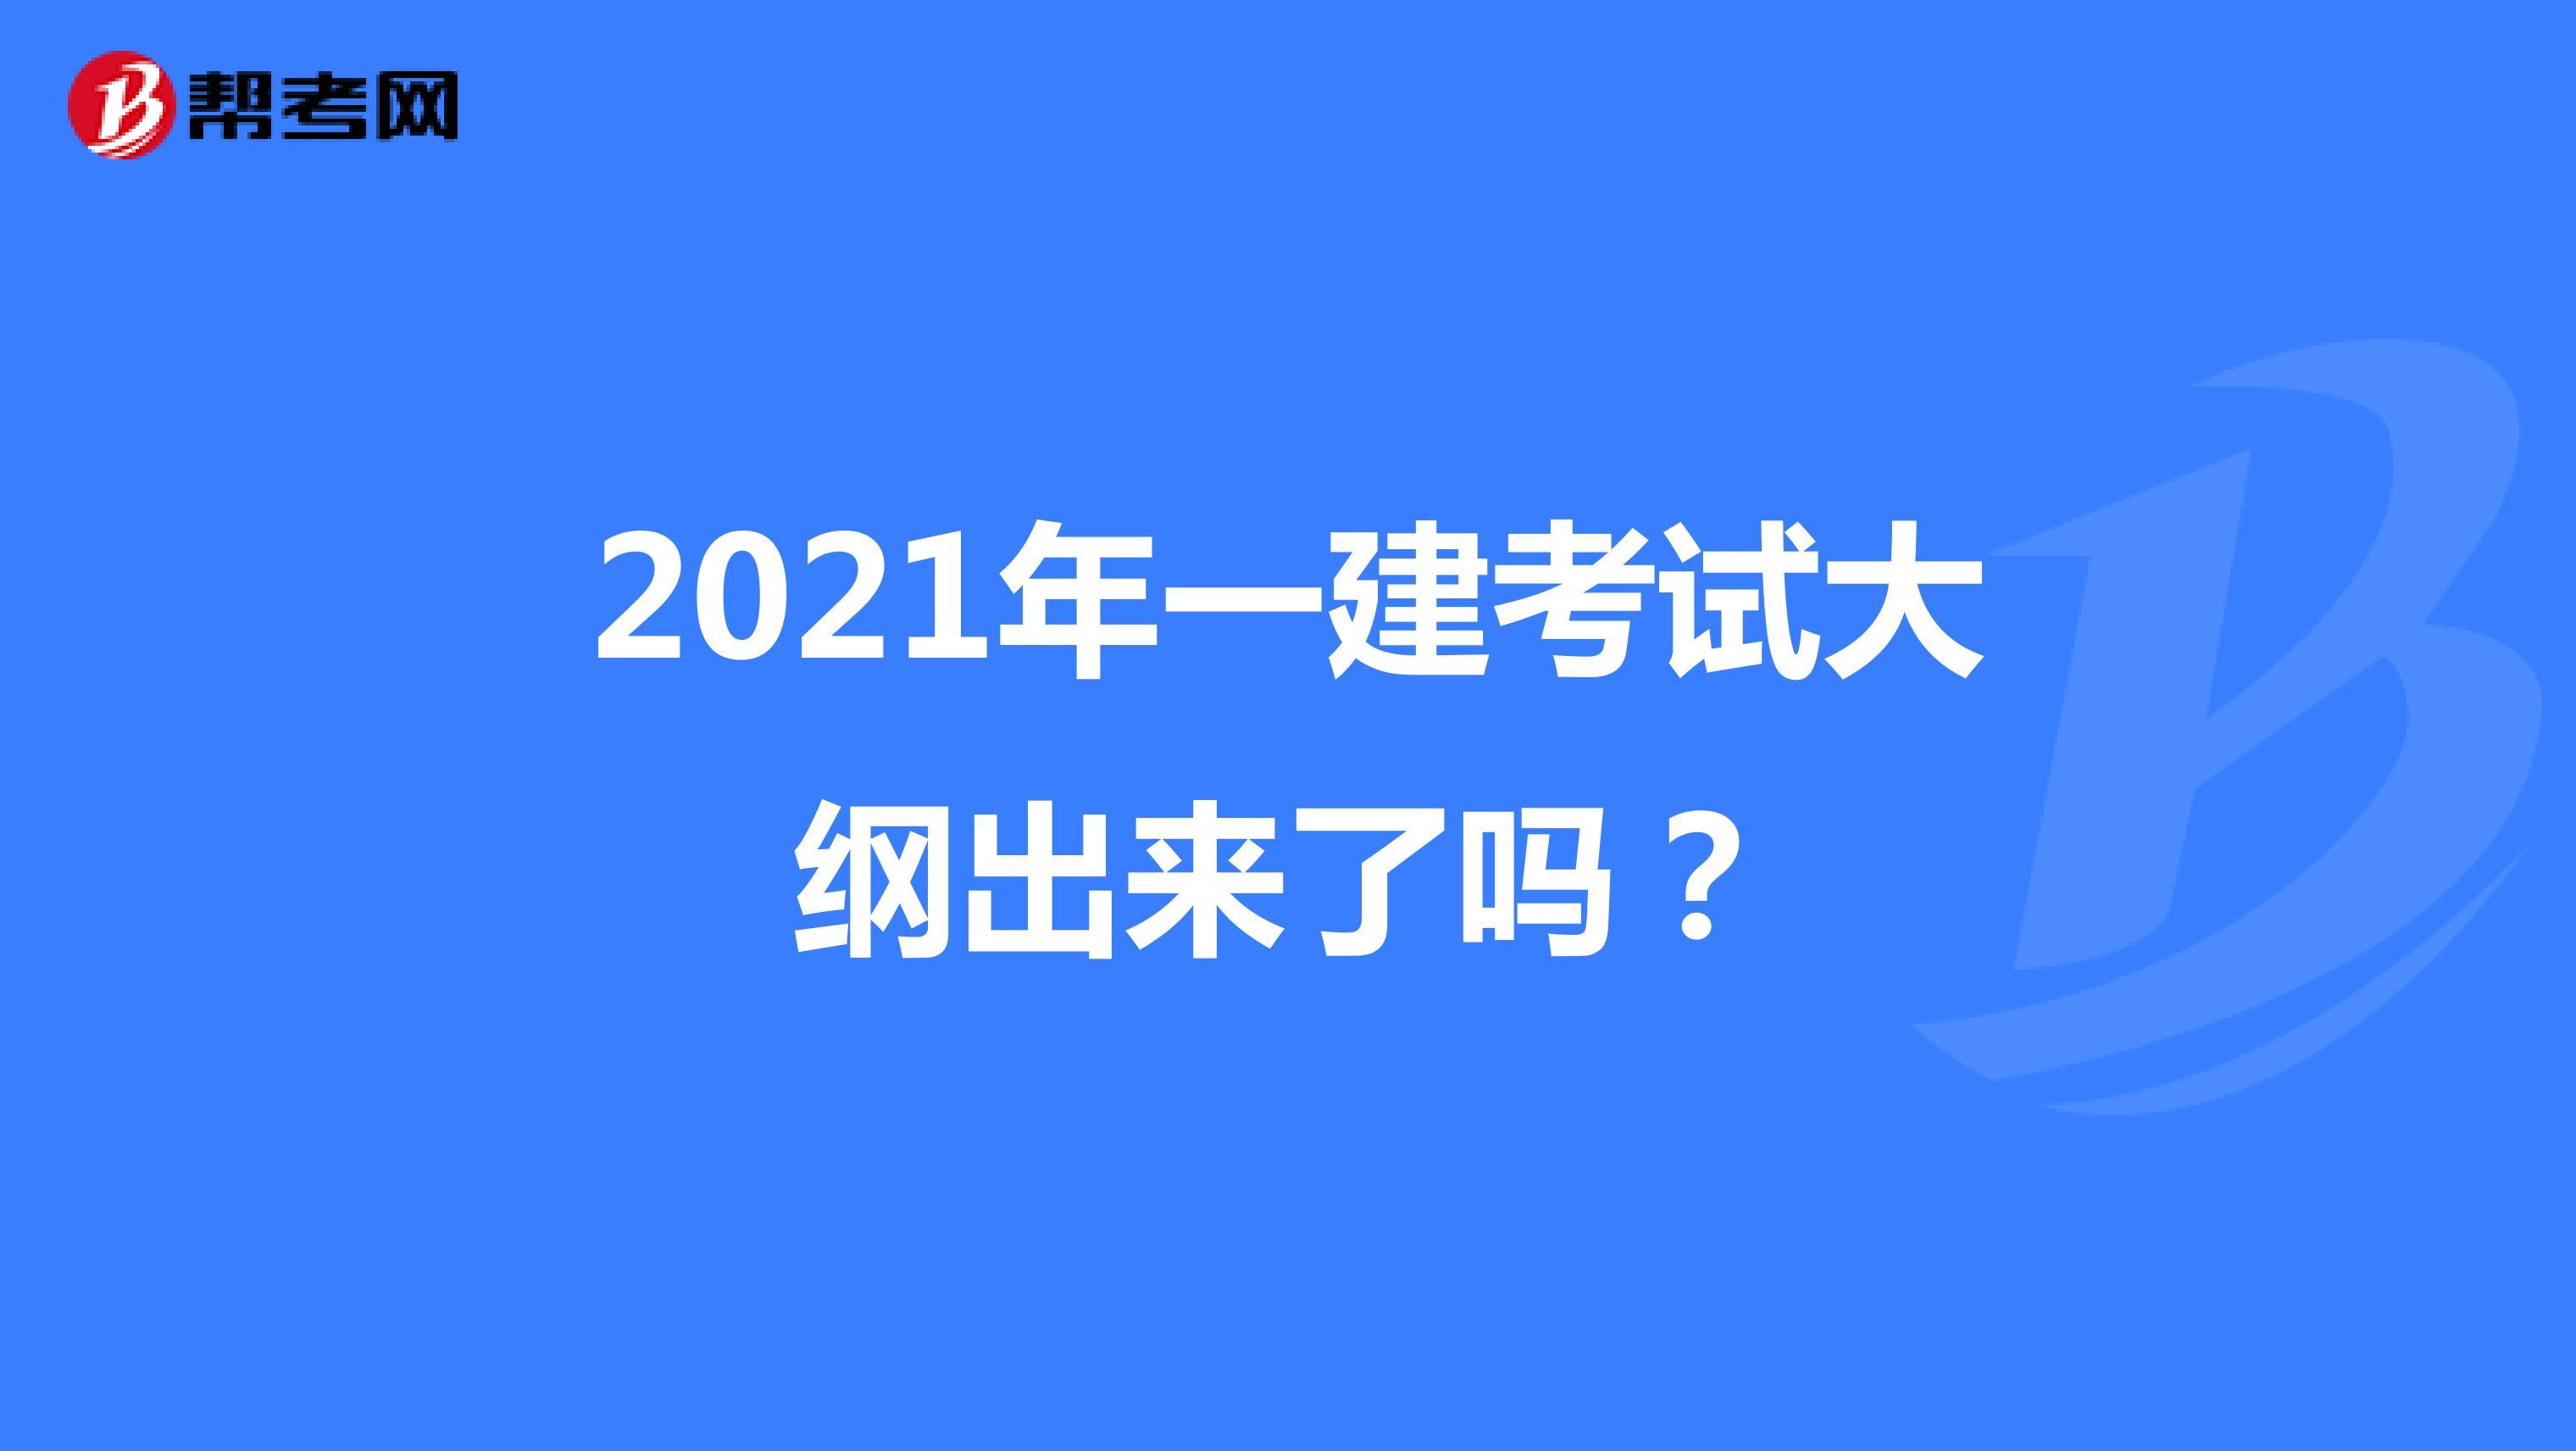 2021年一建考试大纲出来了吗?